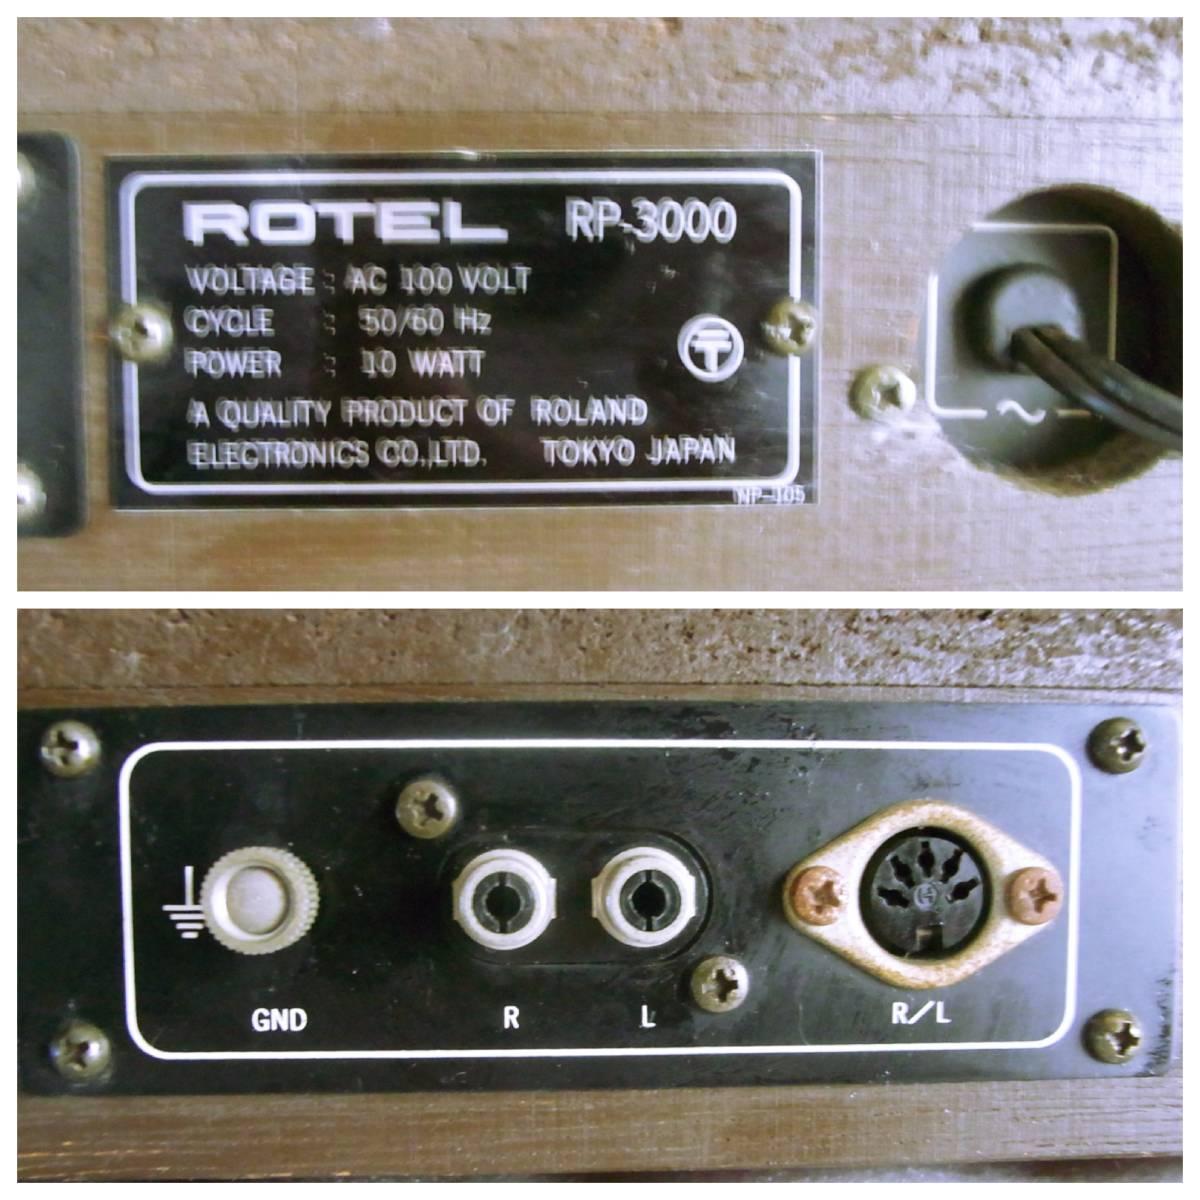 名機 ROTEL RP-3000 オリジナルカートリッジ&針付き  _画像7